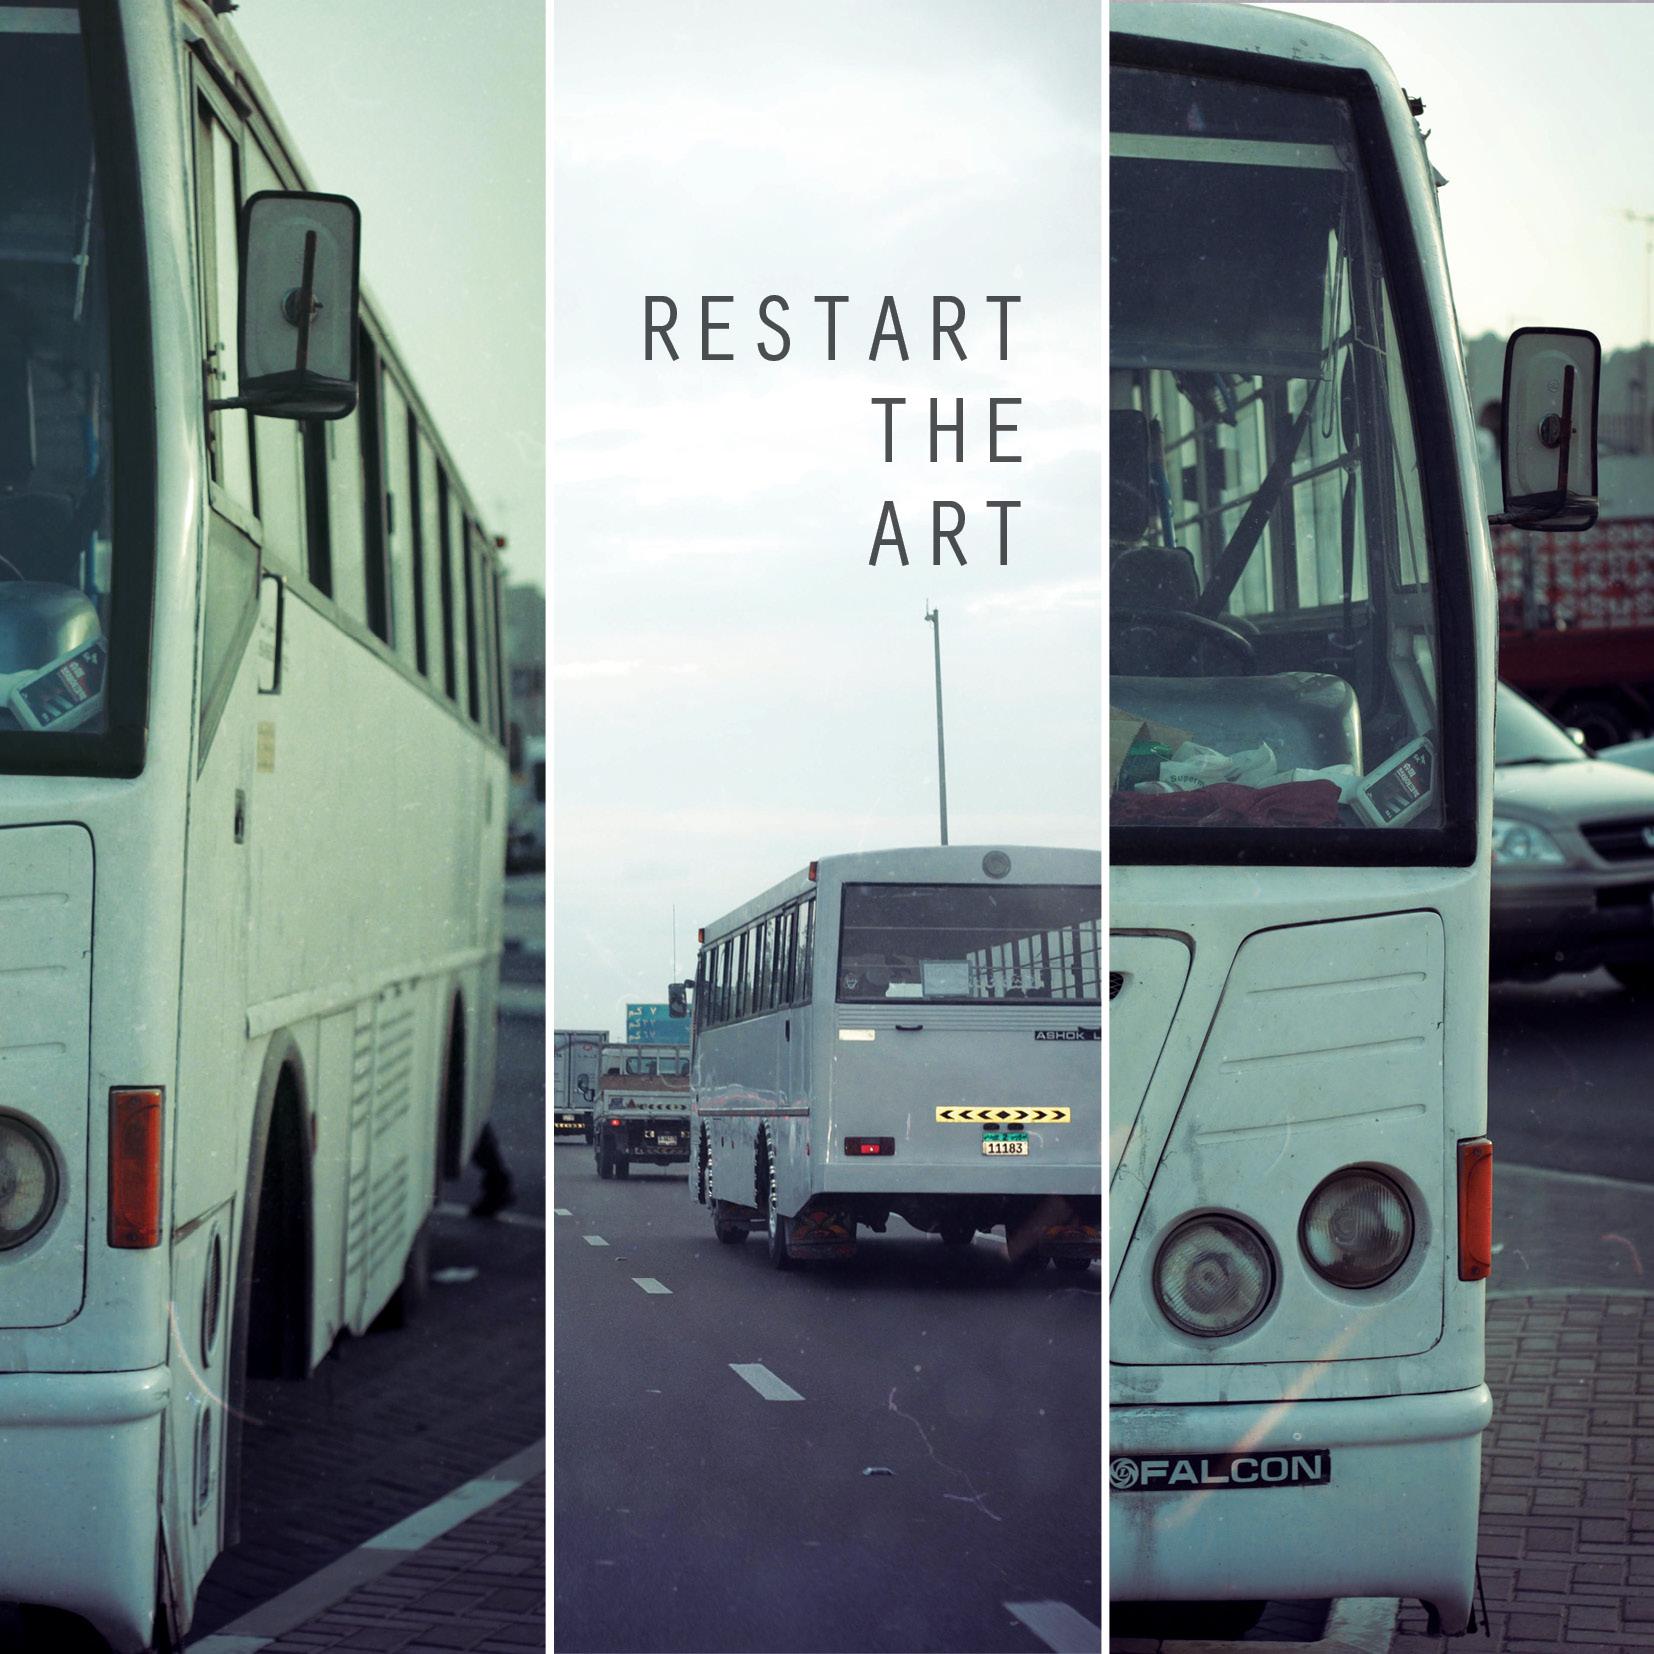 Restart the Art buses